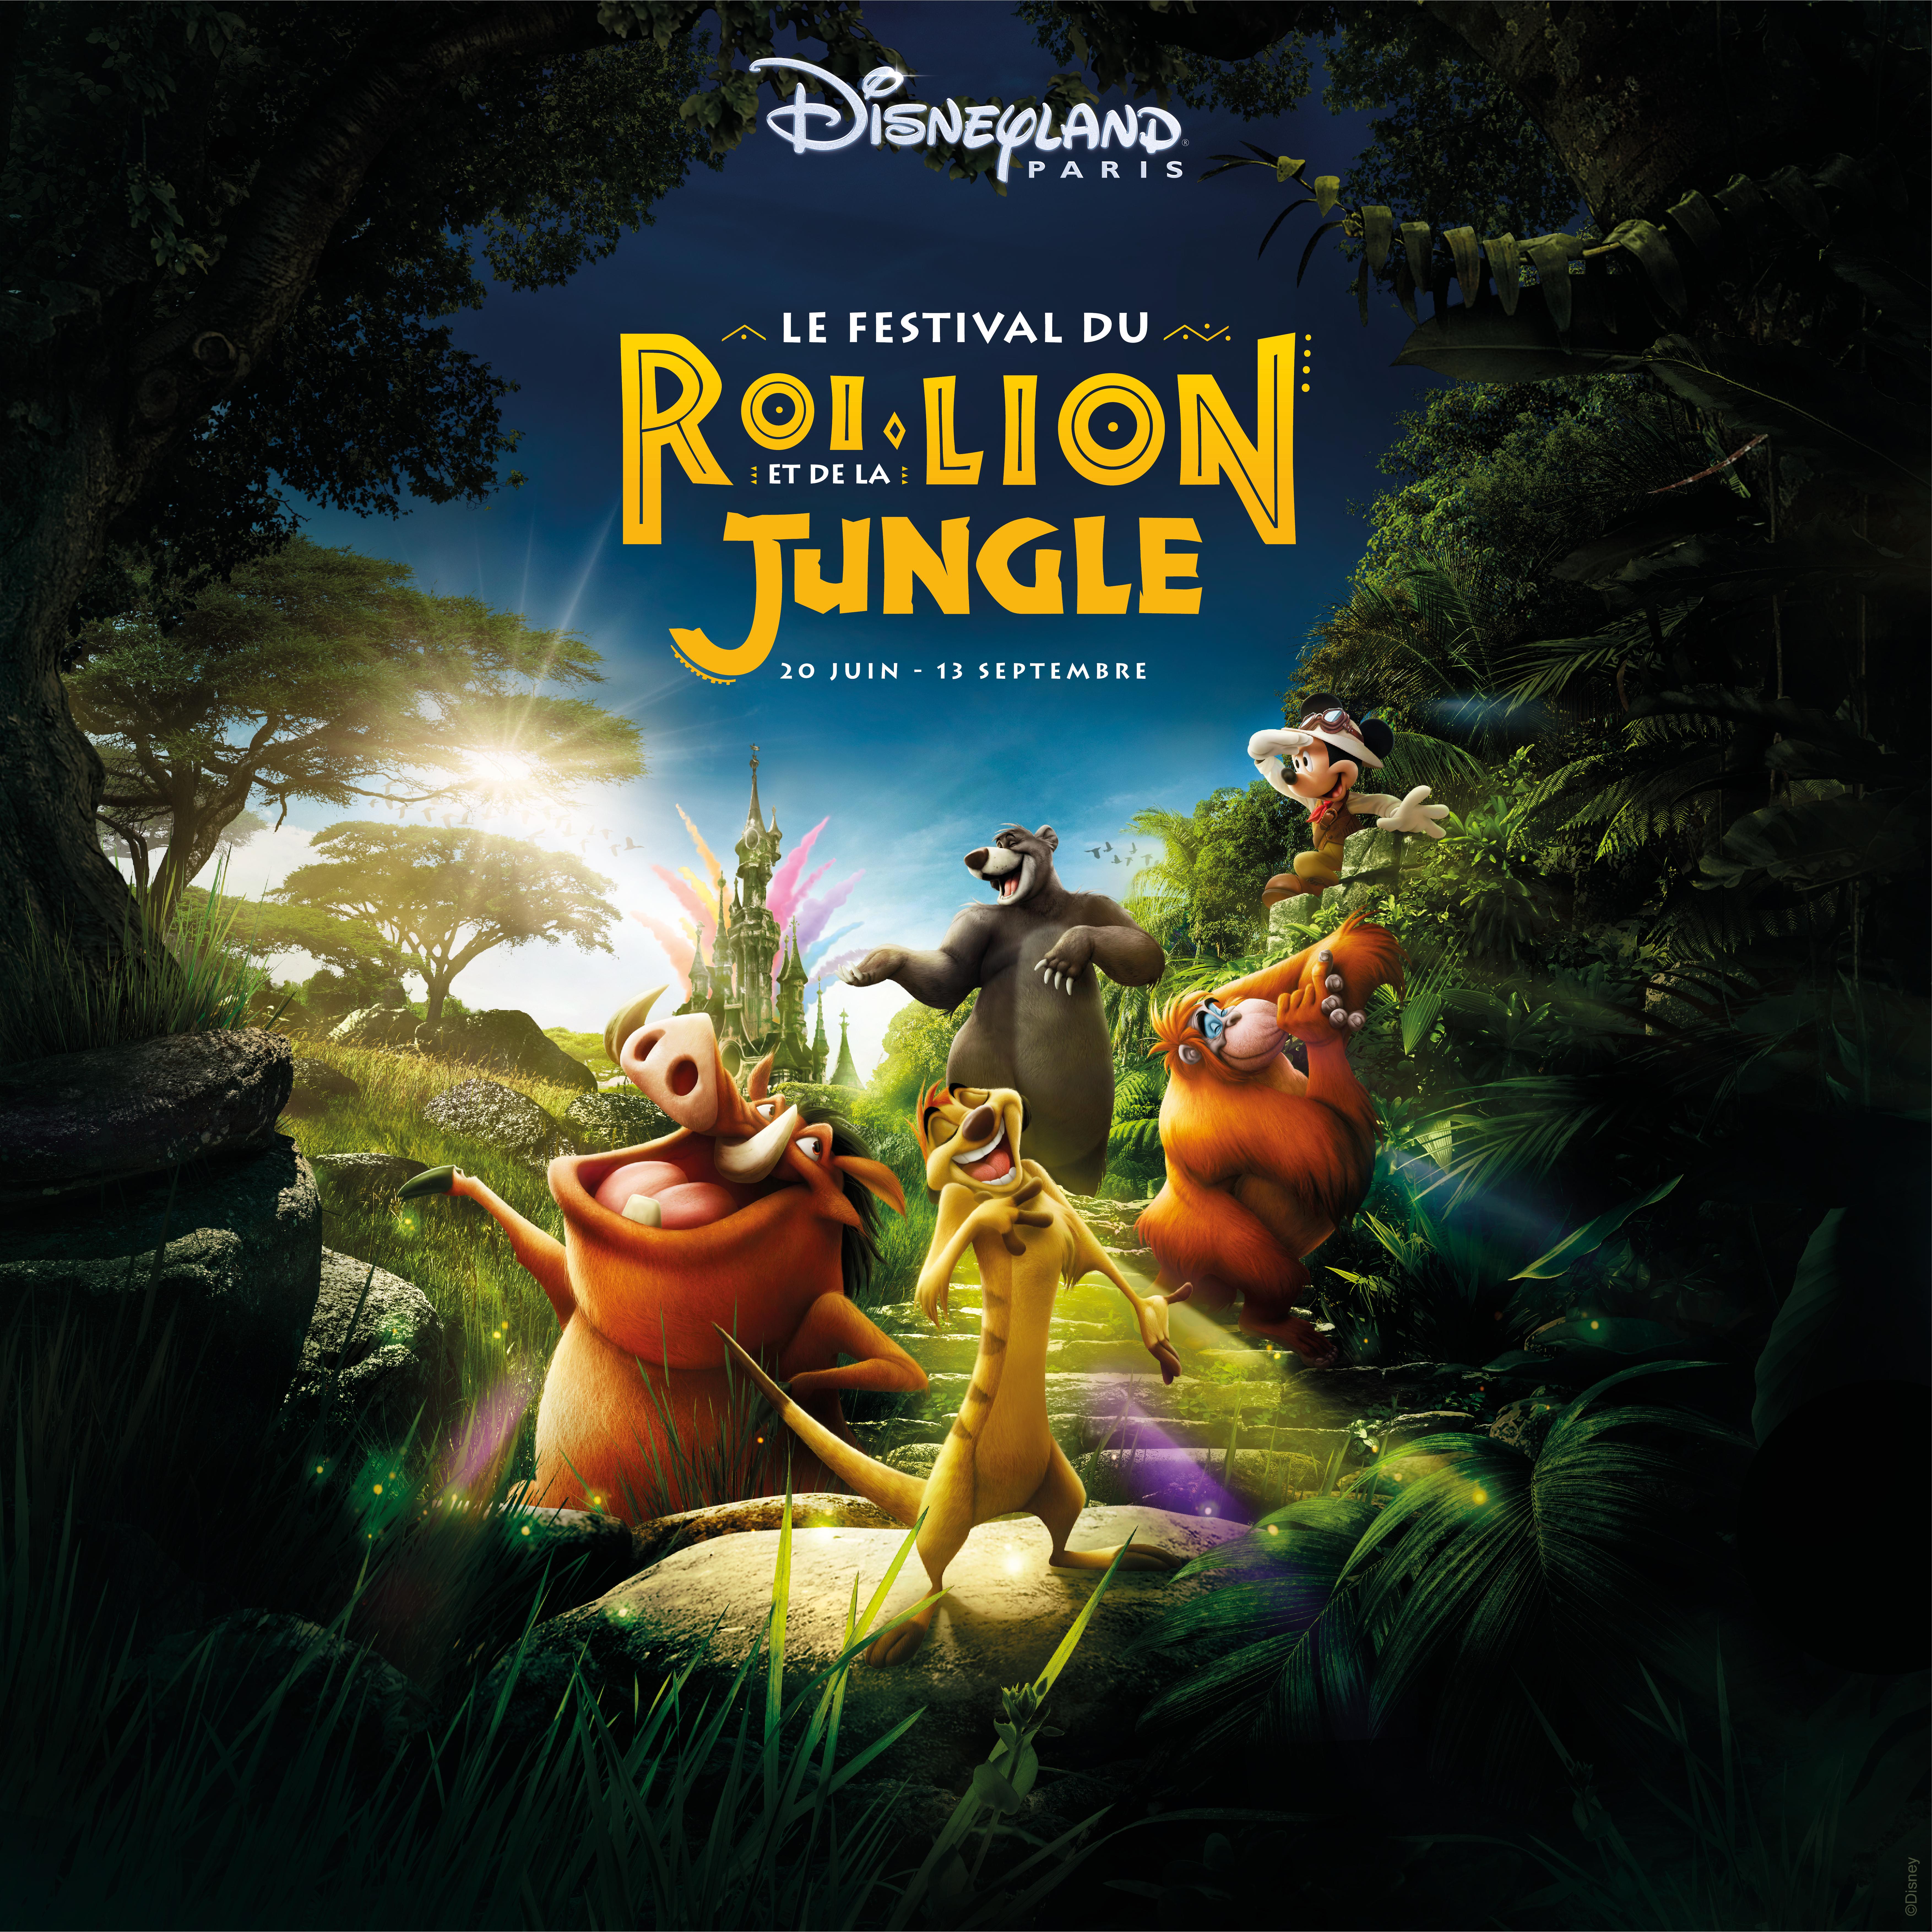 Le Festival du Roi Lion et de la Jungle